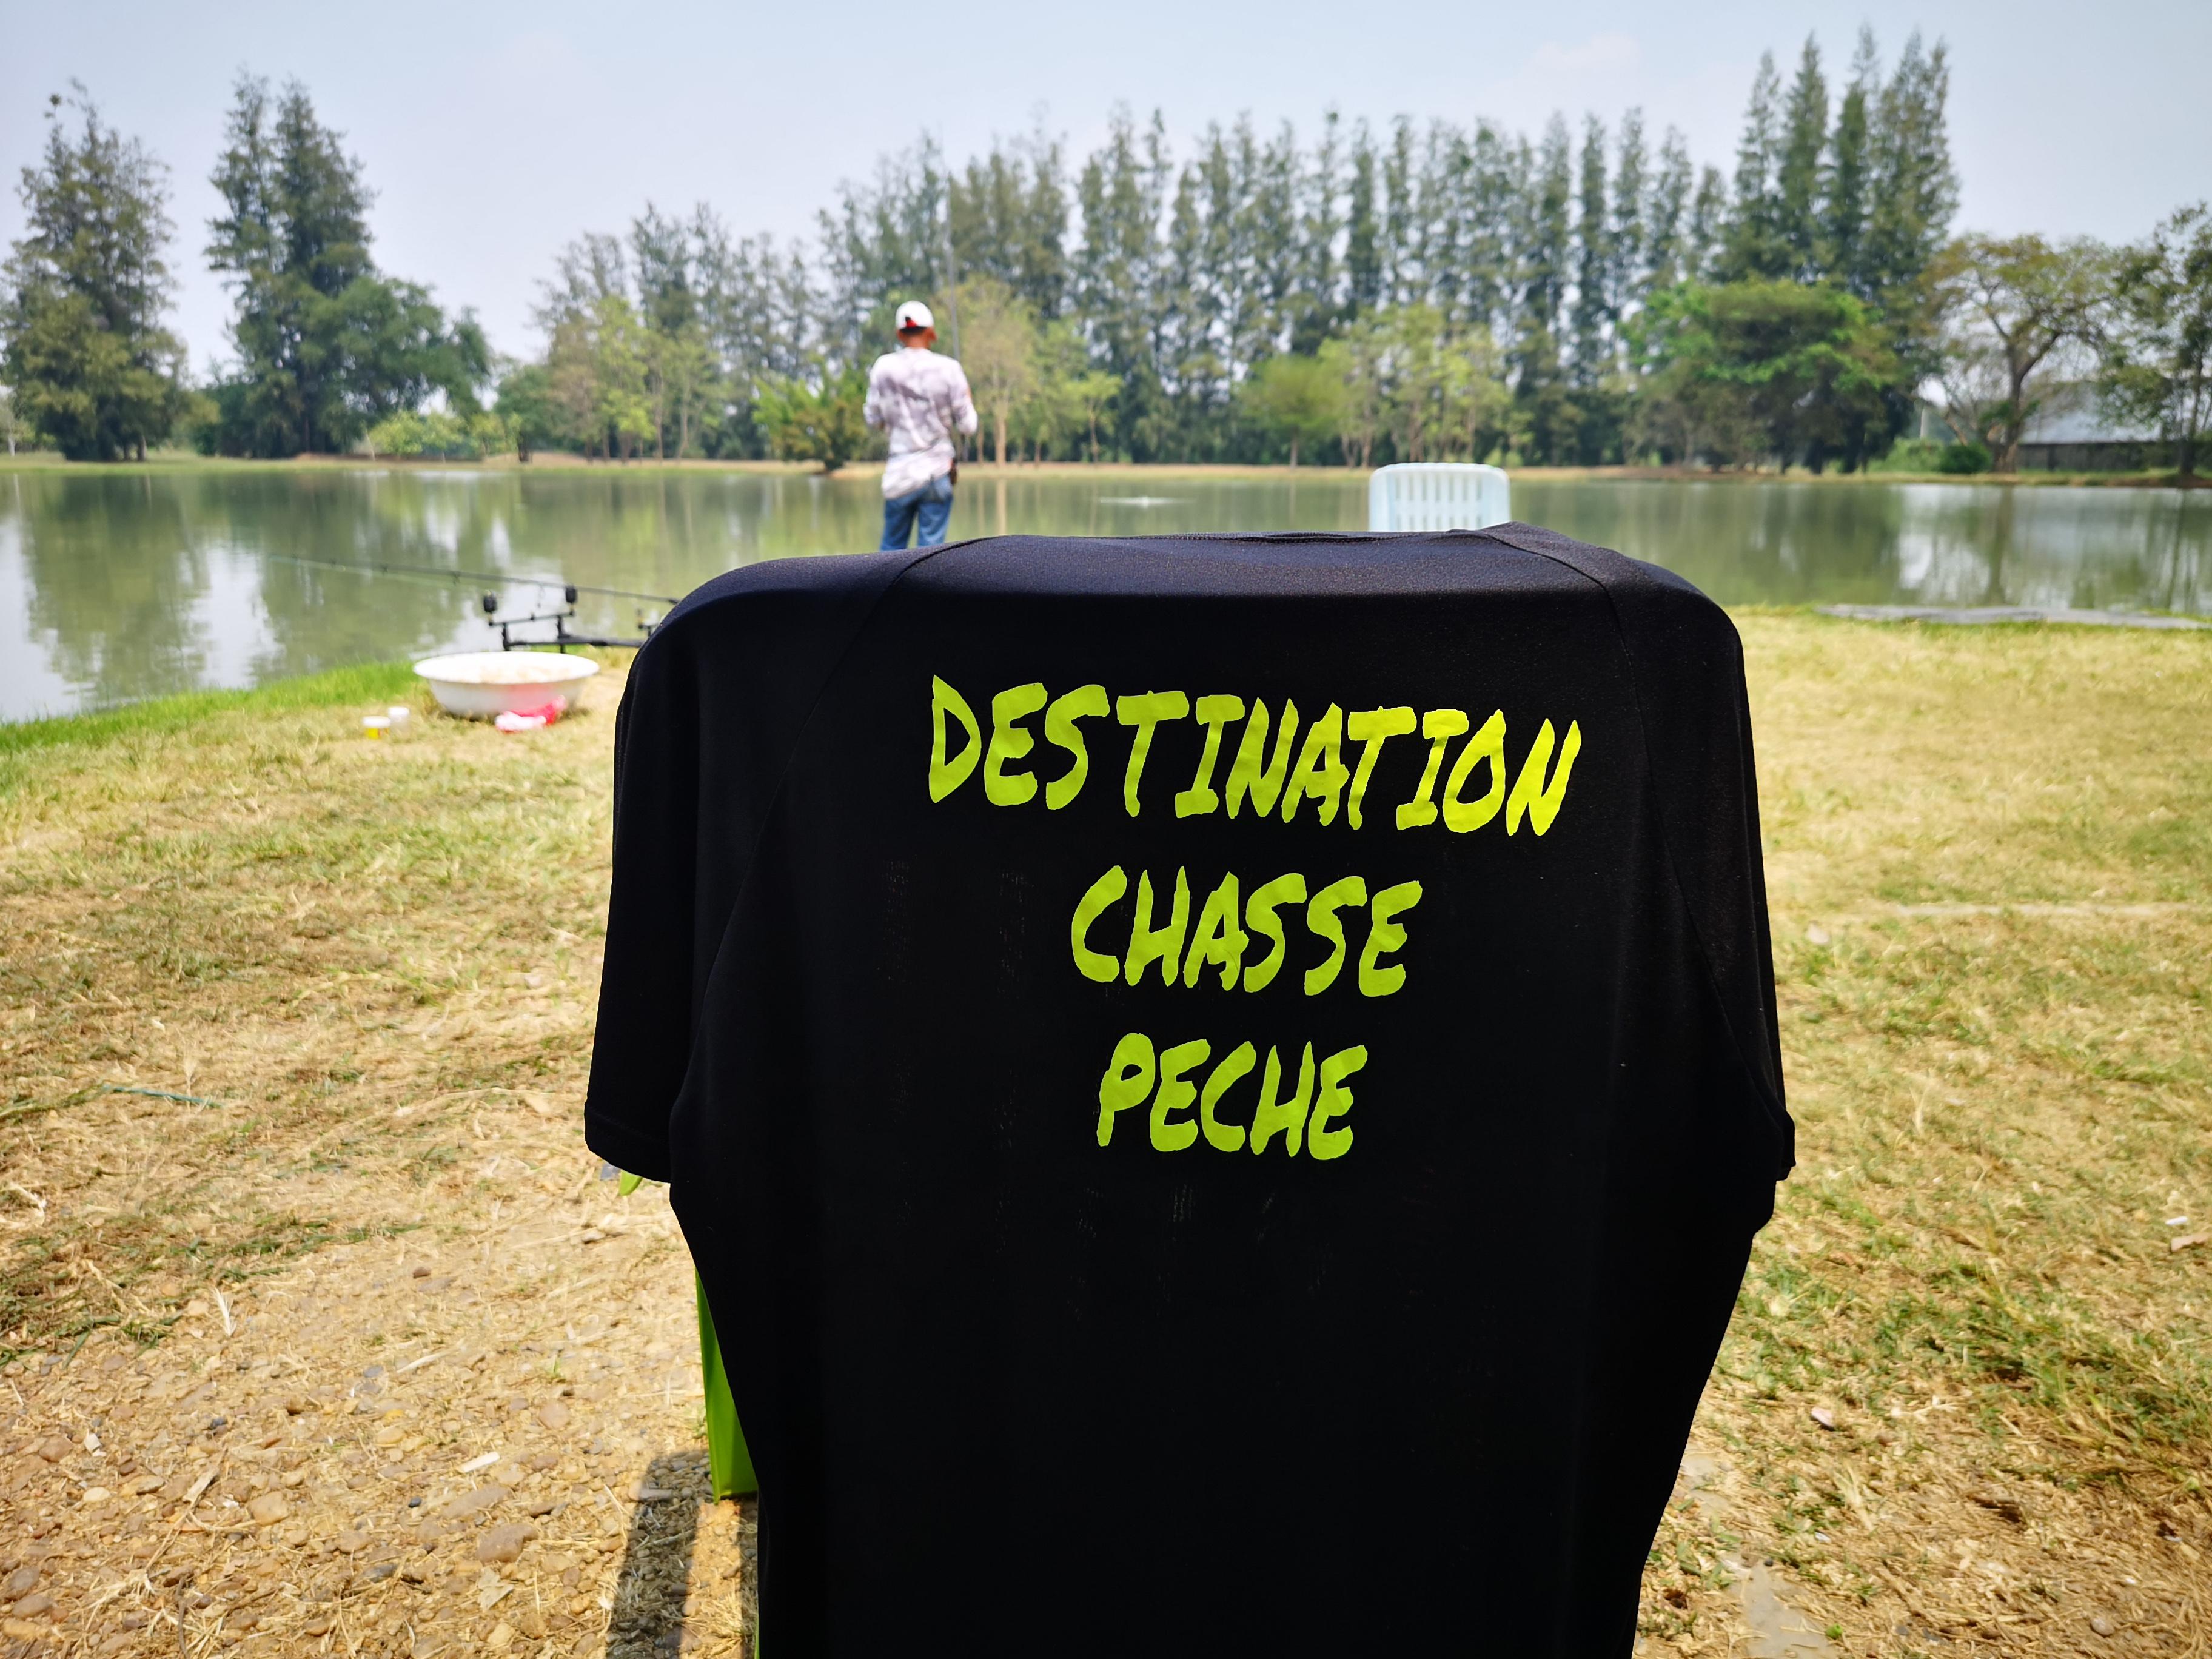 Destination chasse pêche en Thaïlande